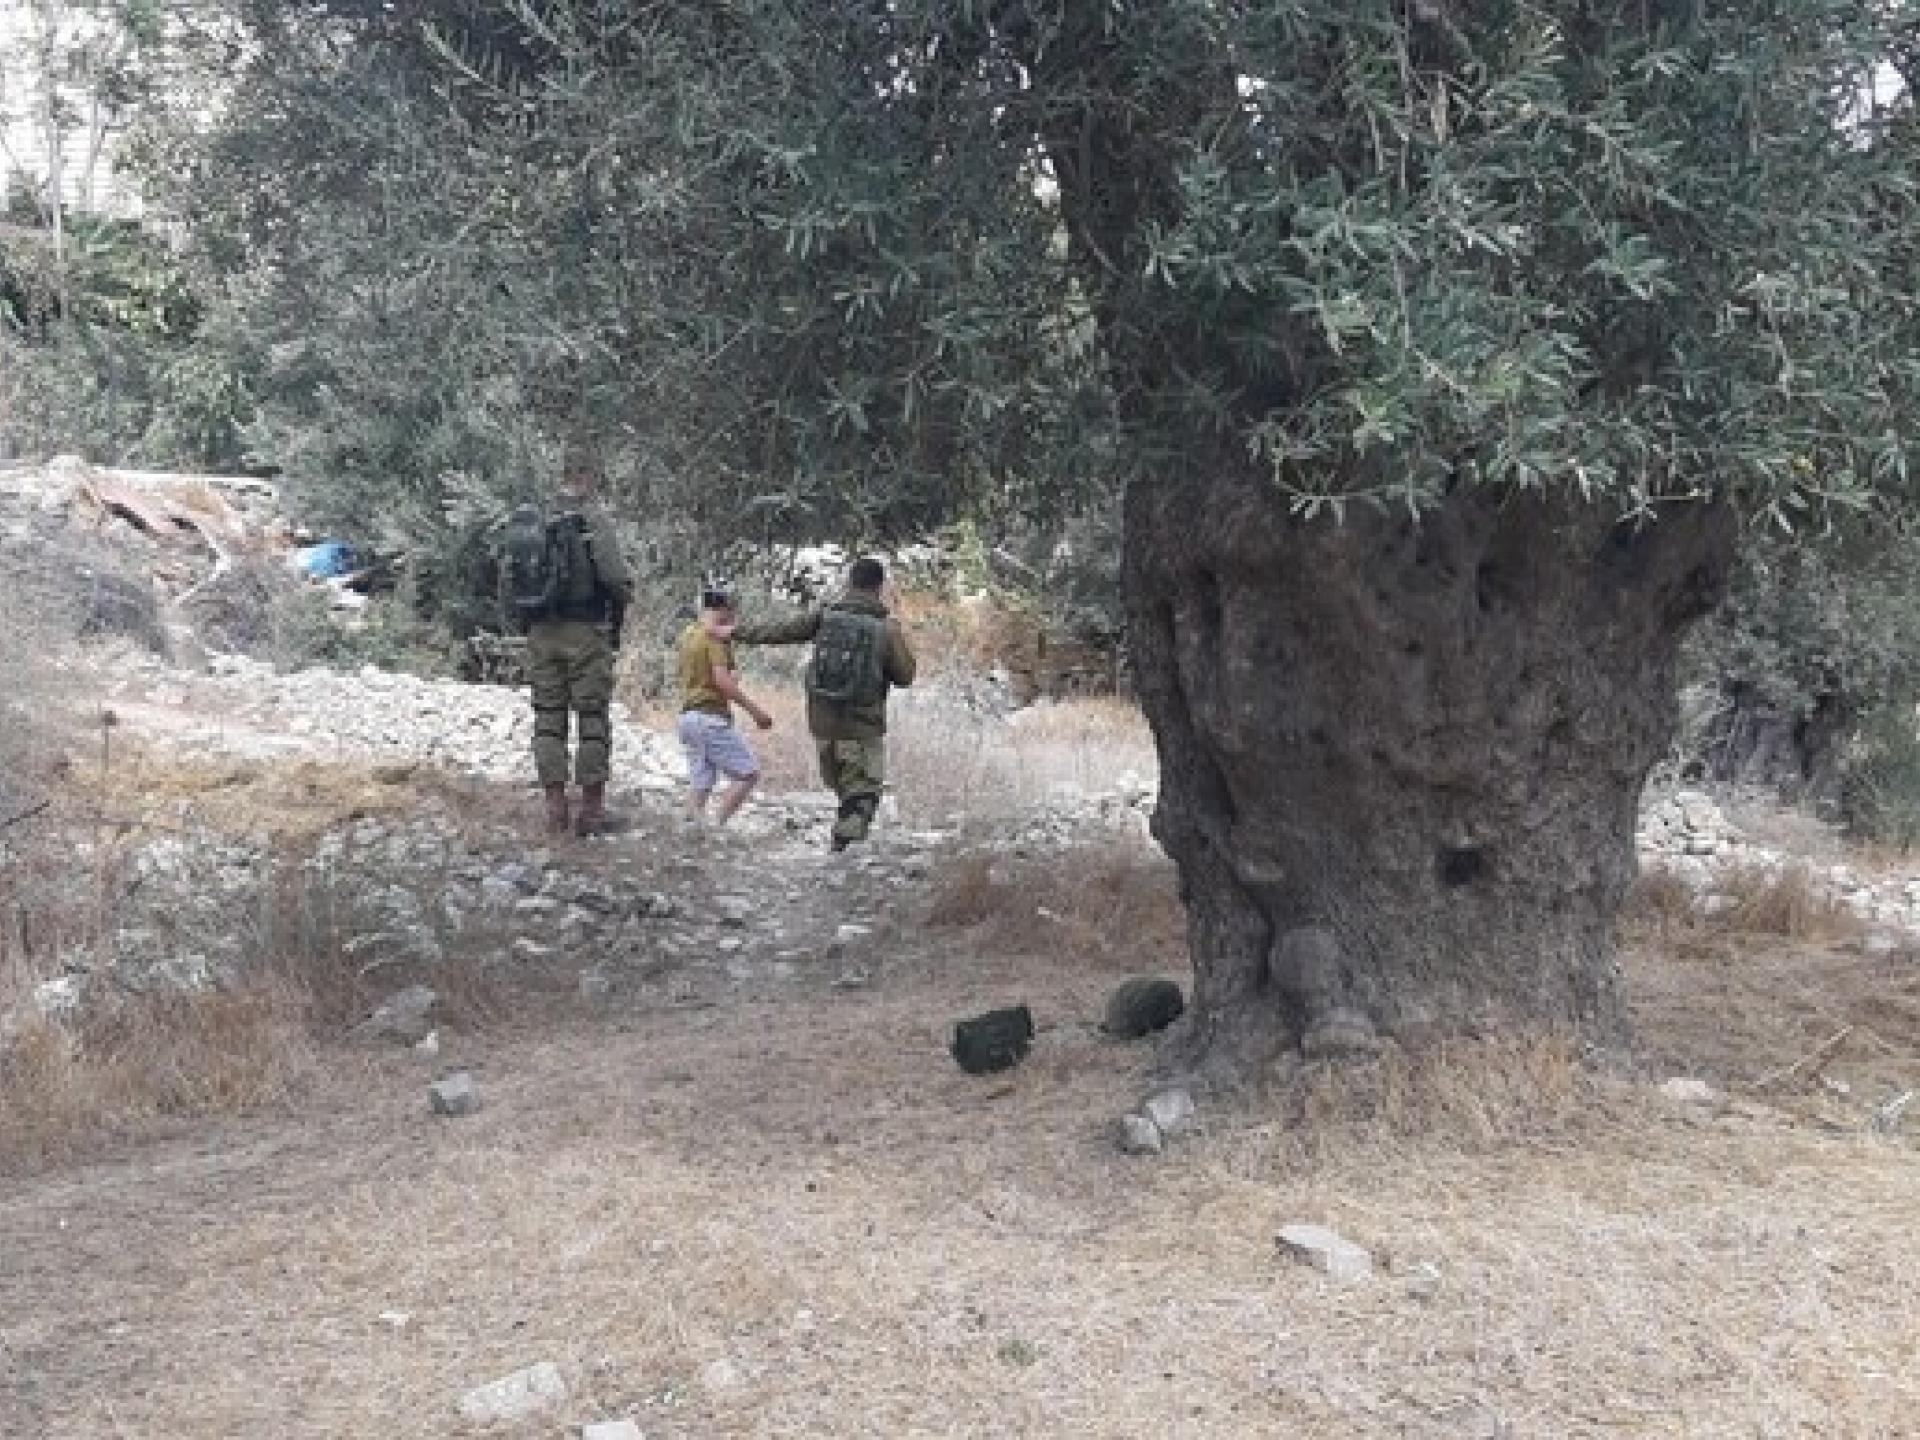 חיילים מאבטחים  את המסיק